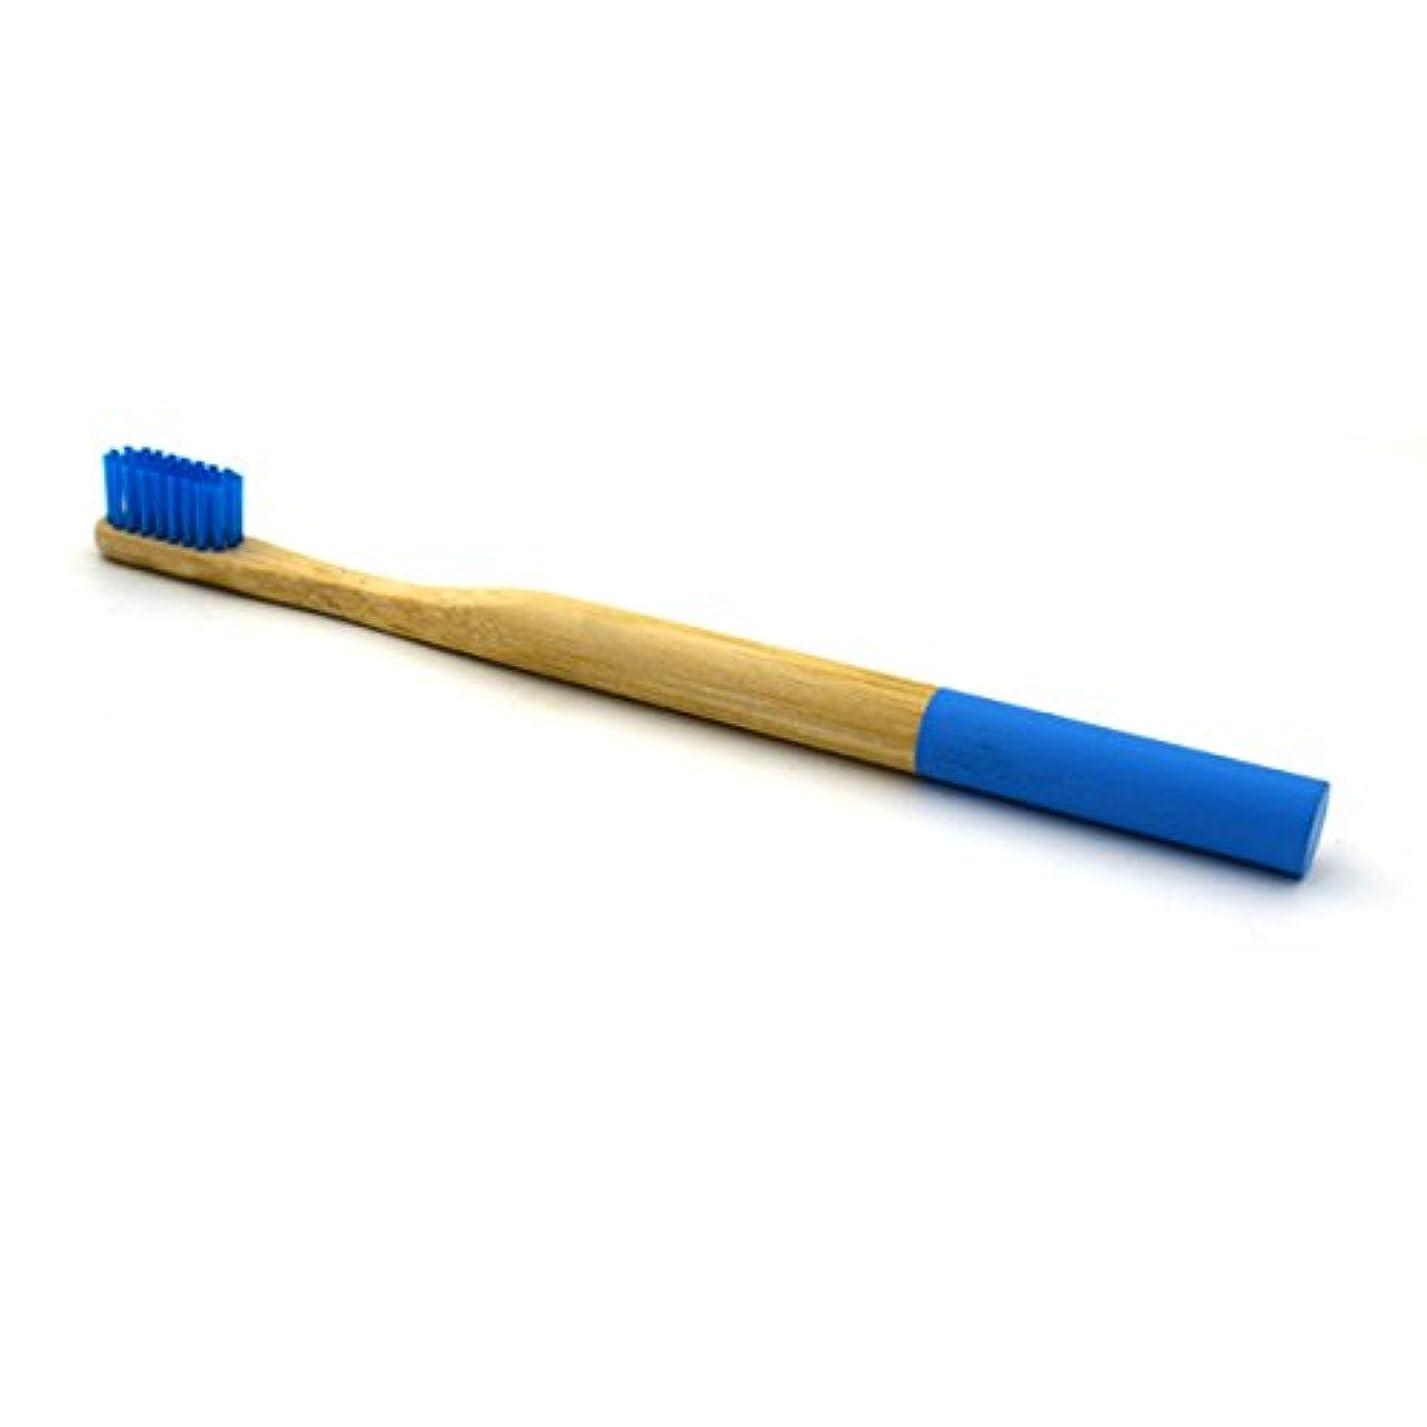 メディア教育学アシスタントHEALLILY竹製の歯ブラシ天然木炭竹製の歯ブラシ大人用柔らかい剛毛の歯ブラシ(ブルー)